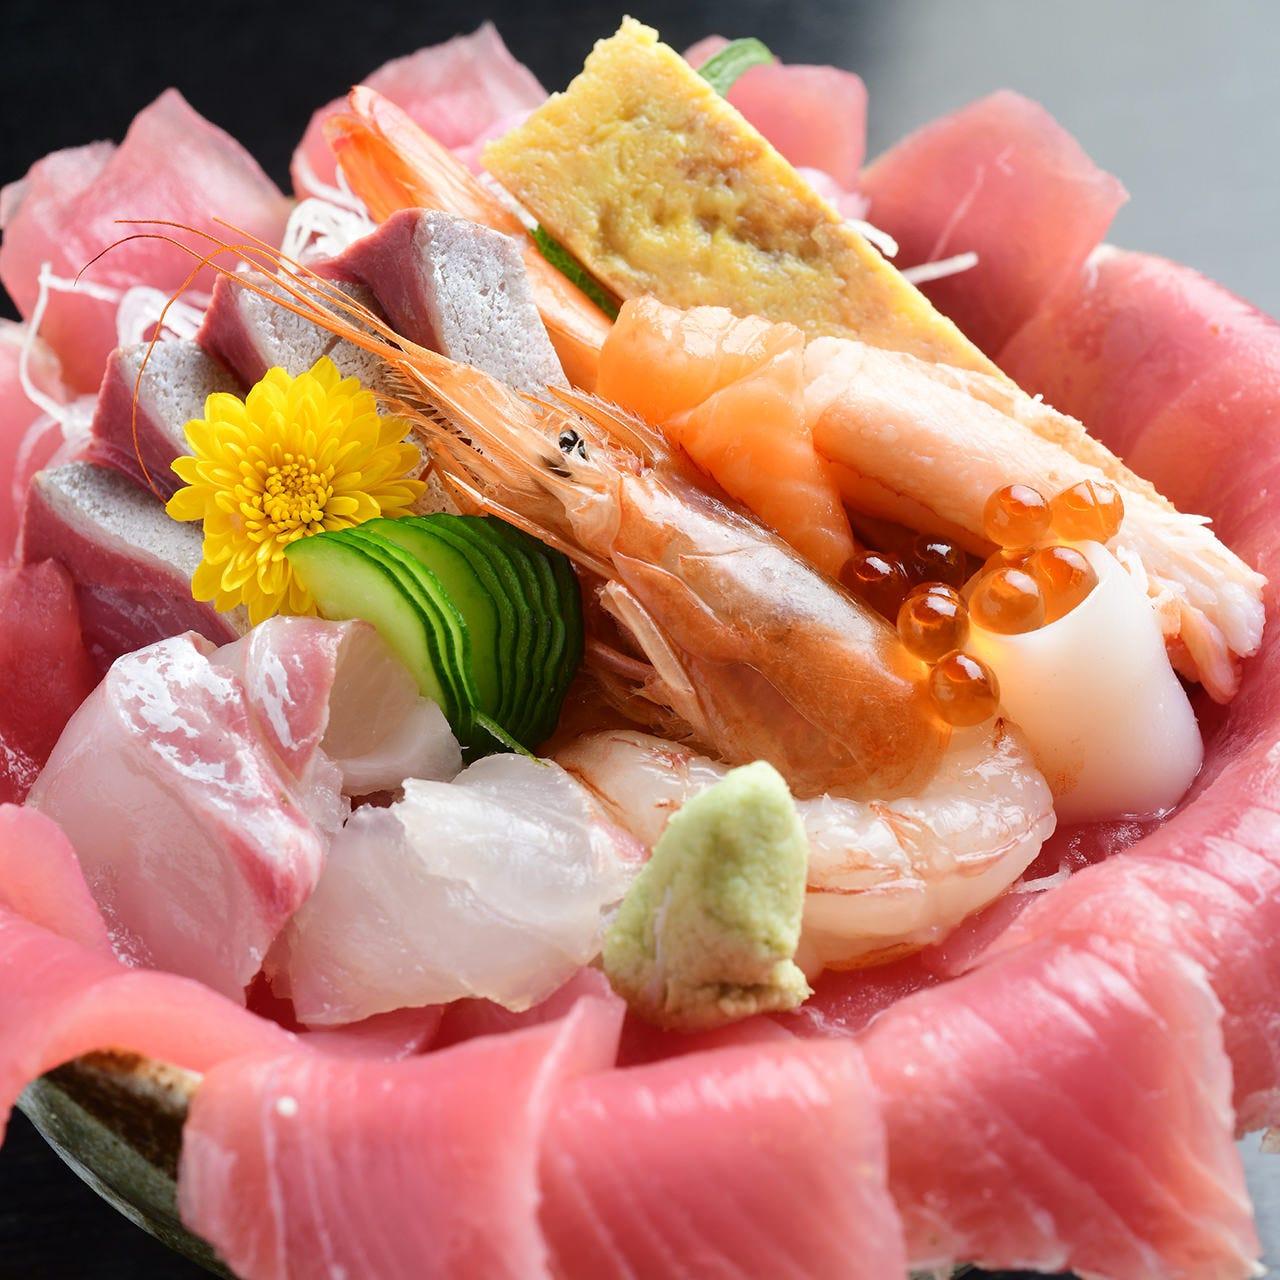 他府県のお客様からも大人気の海鮮丼